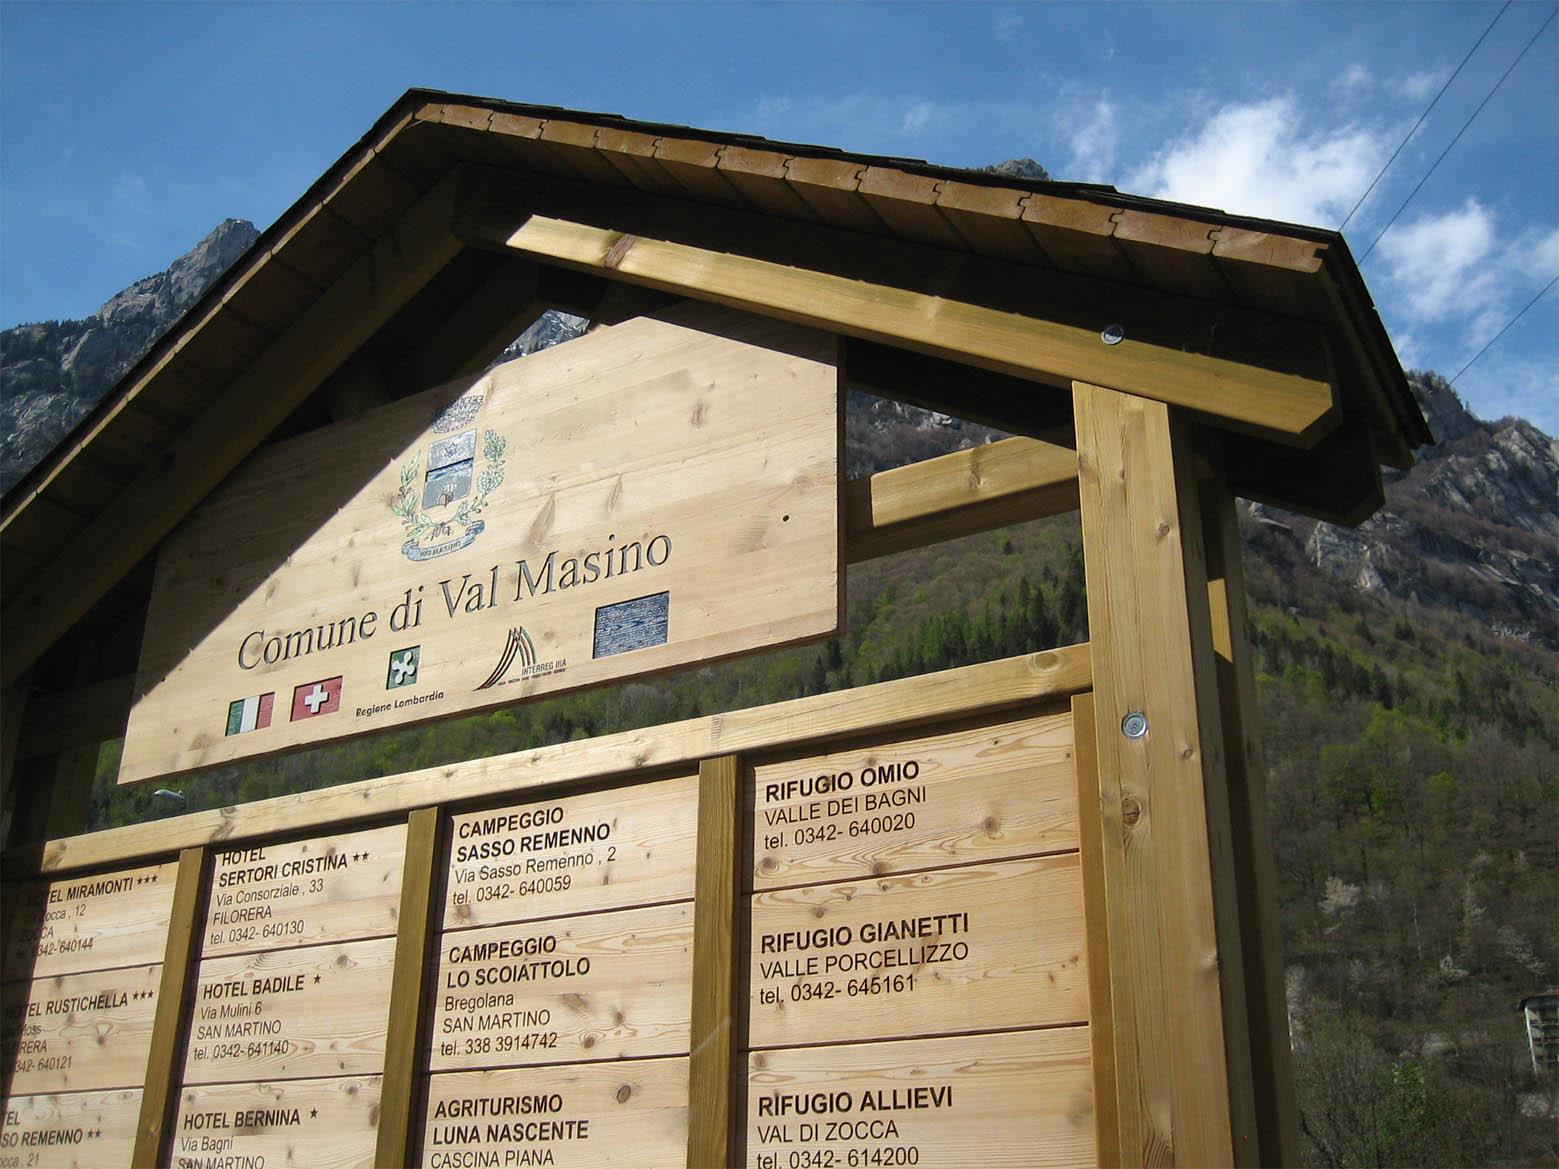 Cartello bacheca in legno di pino nordico impregnato in autoclave realizzato da Linea Montanalegno - ILT